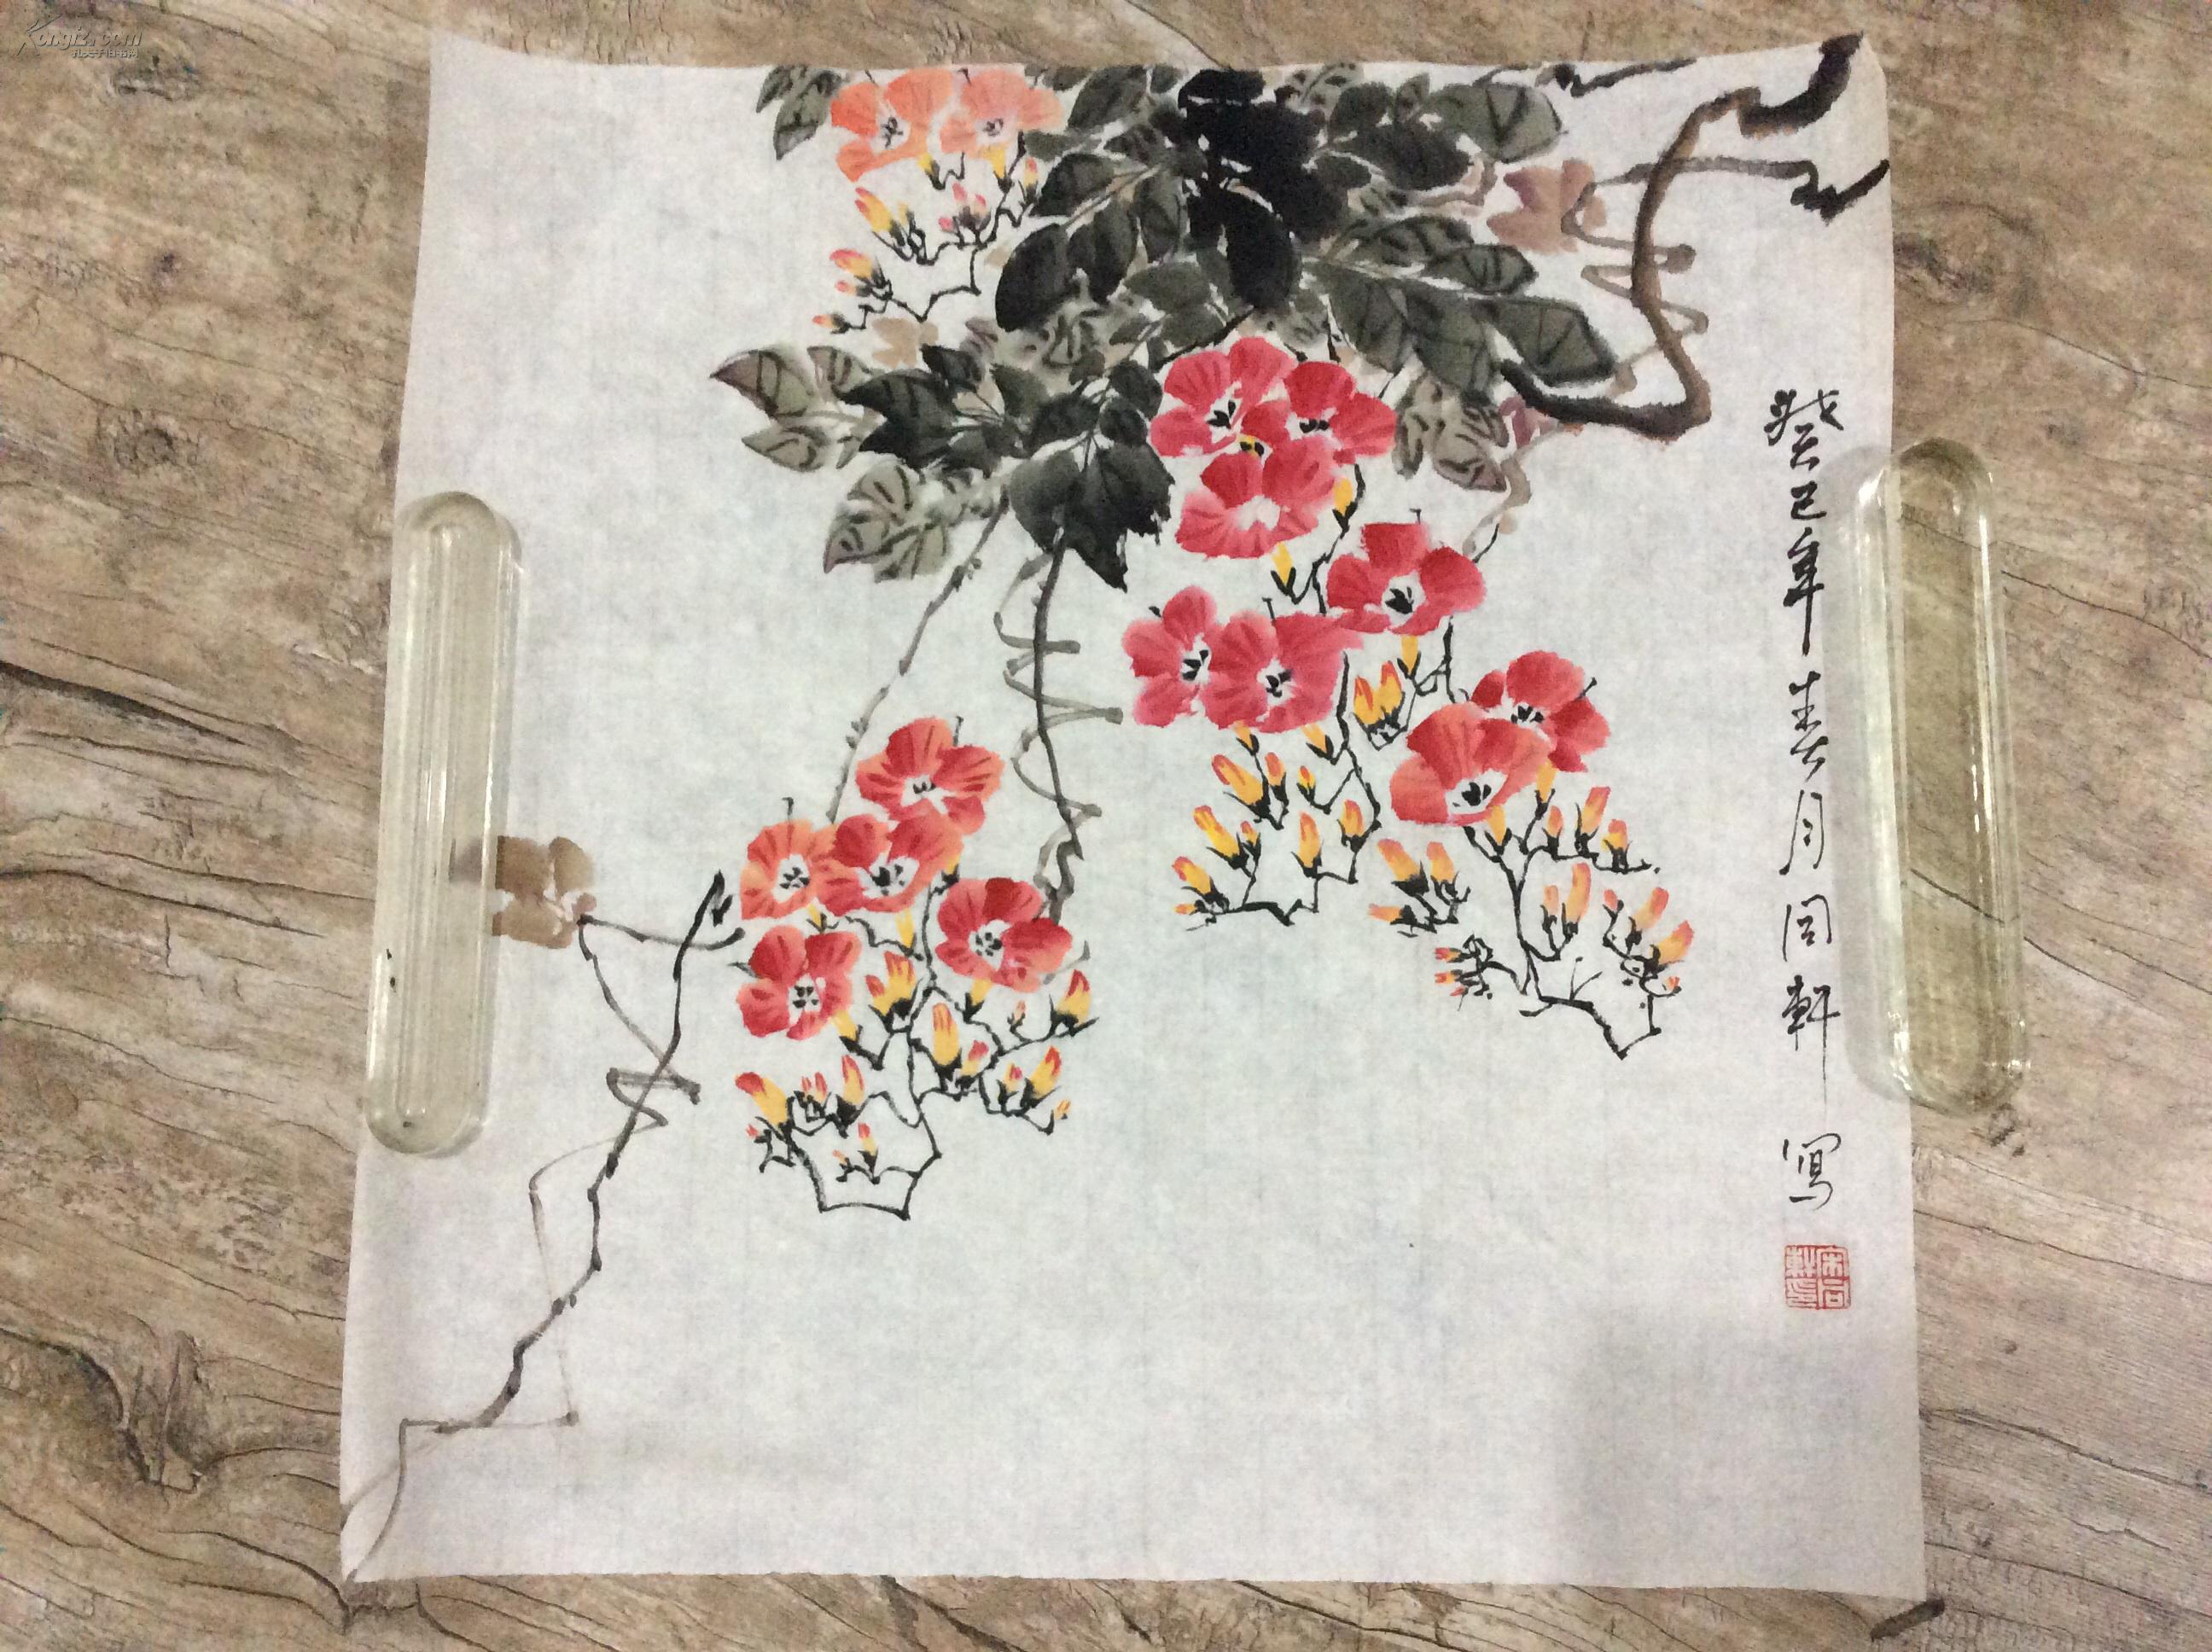 【图】牵牛花-写意画-花鸟画图片